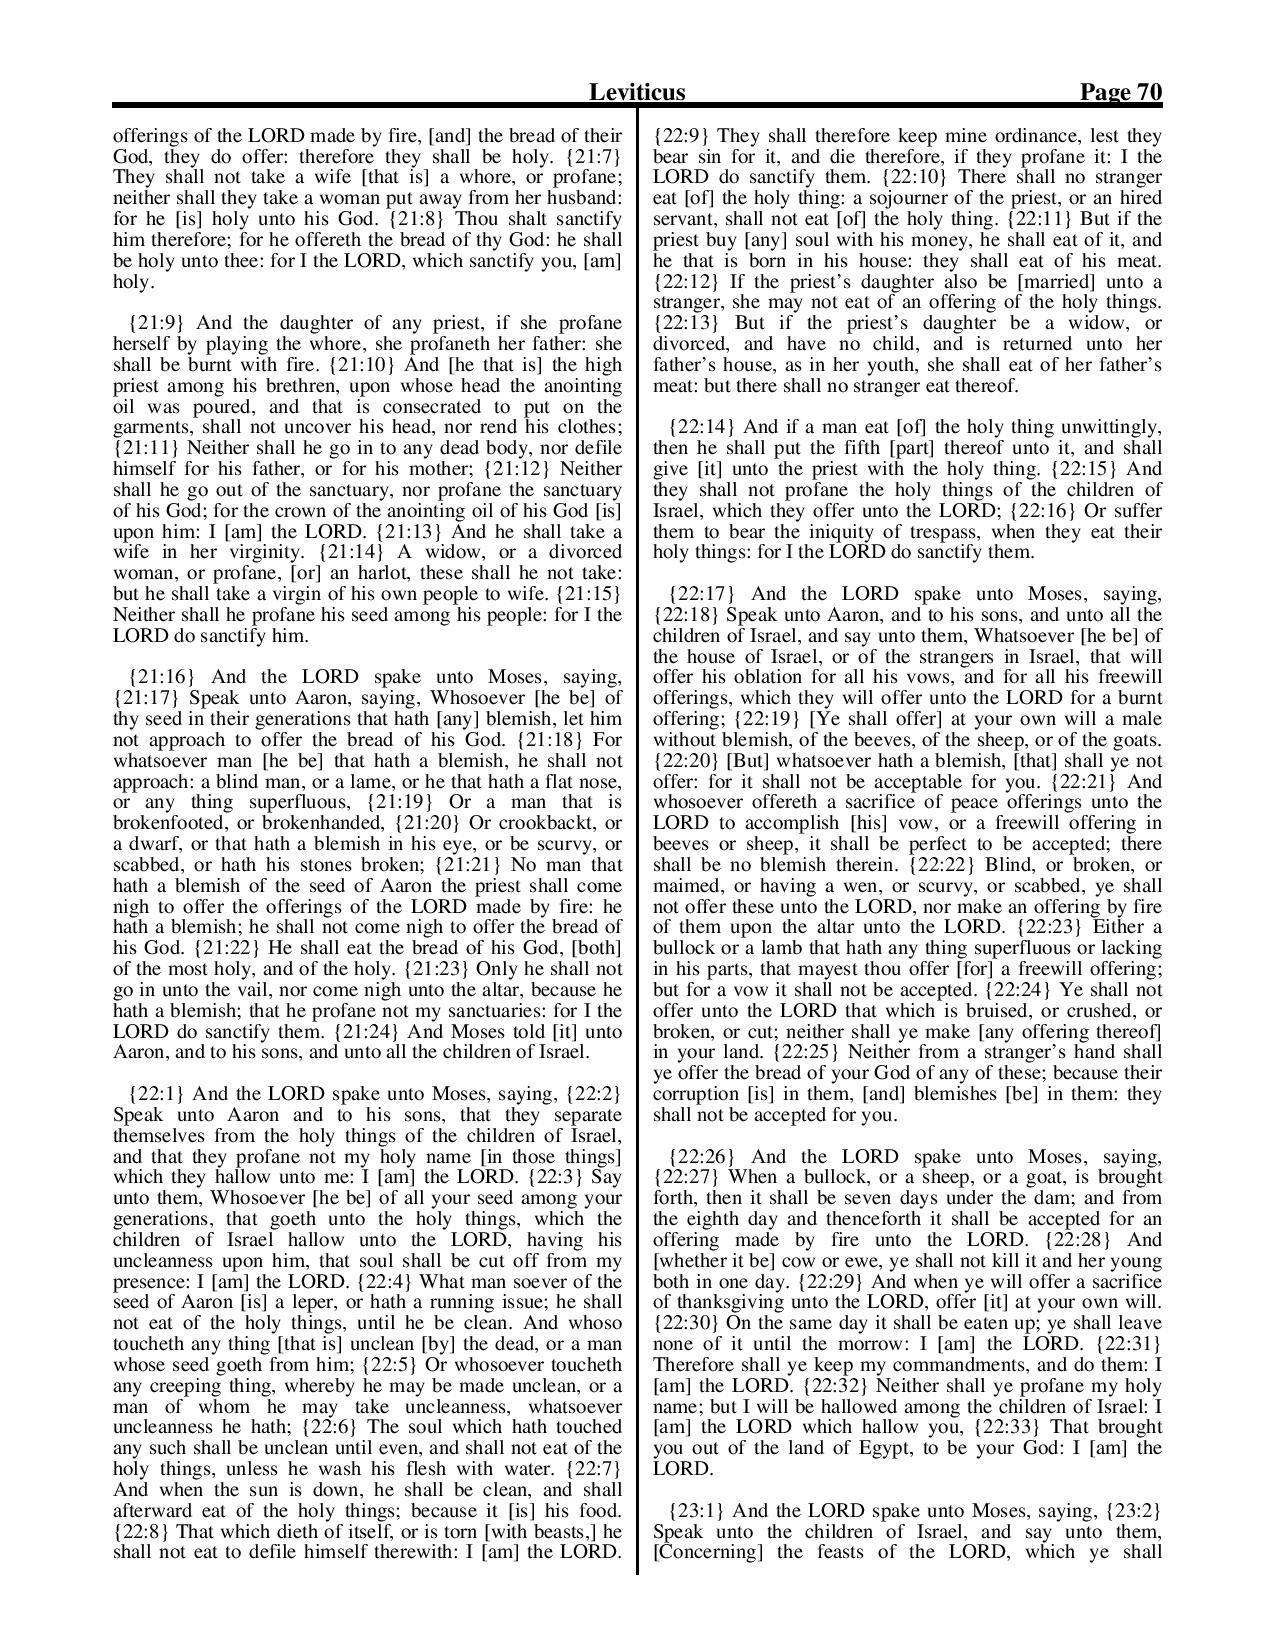 King-James-Bible-KJV-Bible-PDF-page-091